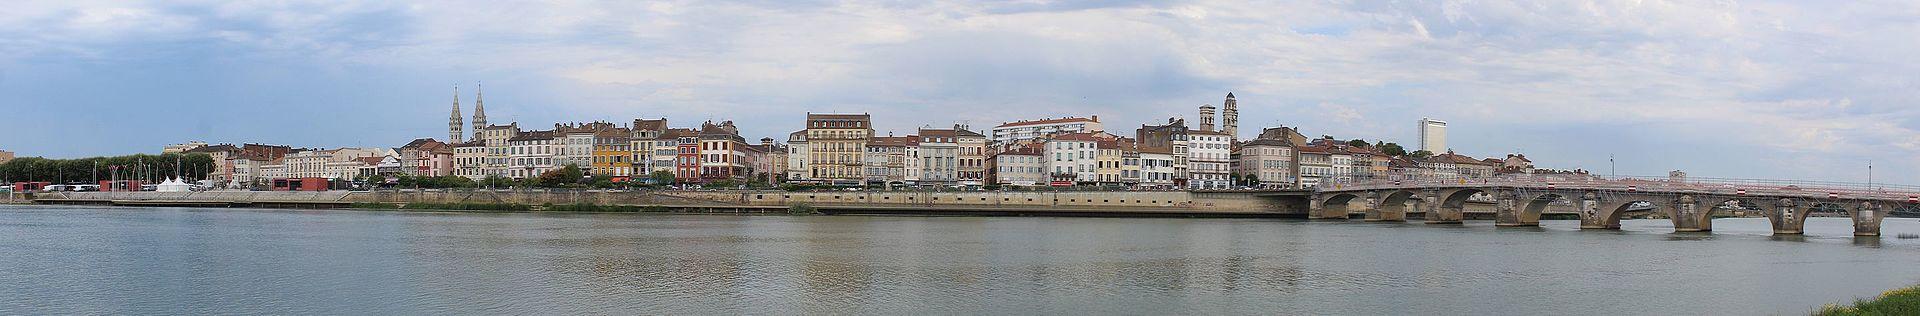 Mâcon (71) Vue panoramique sur les quais